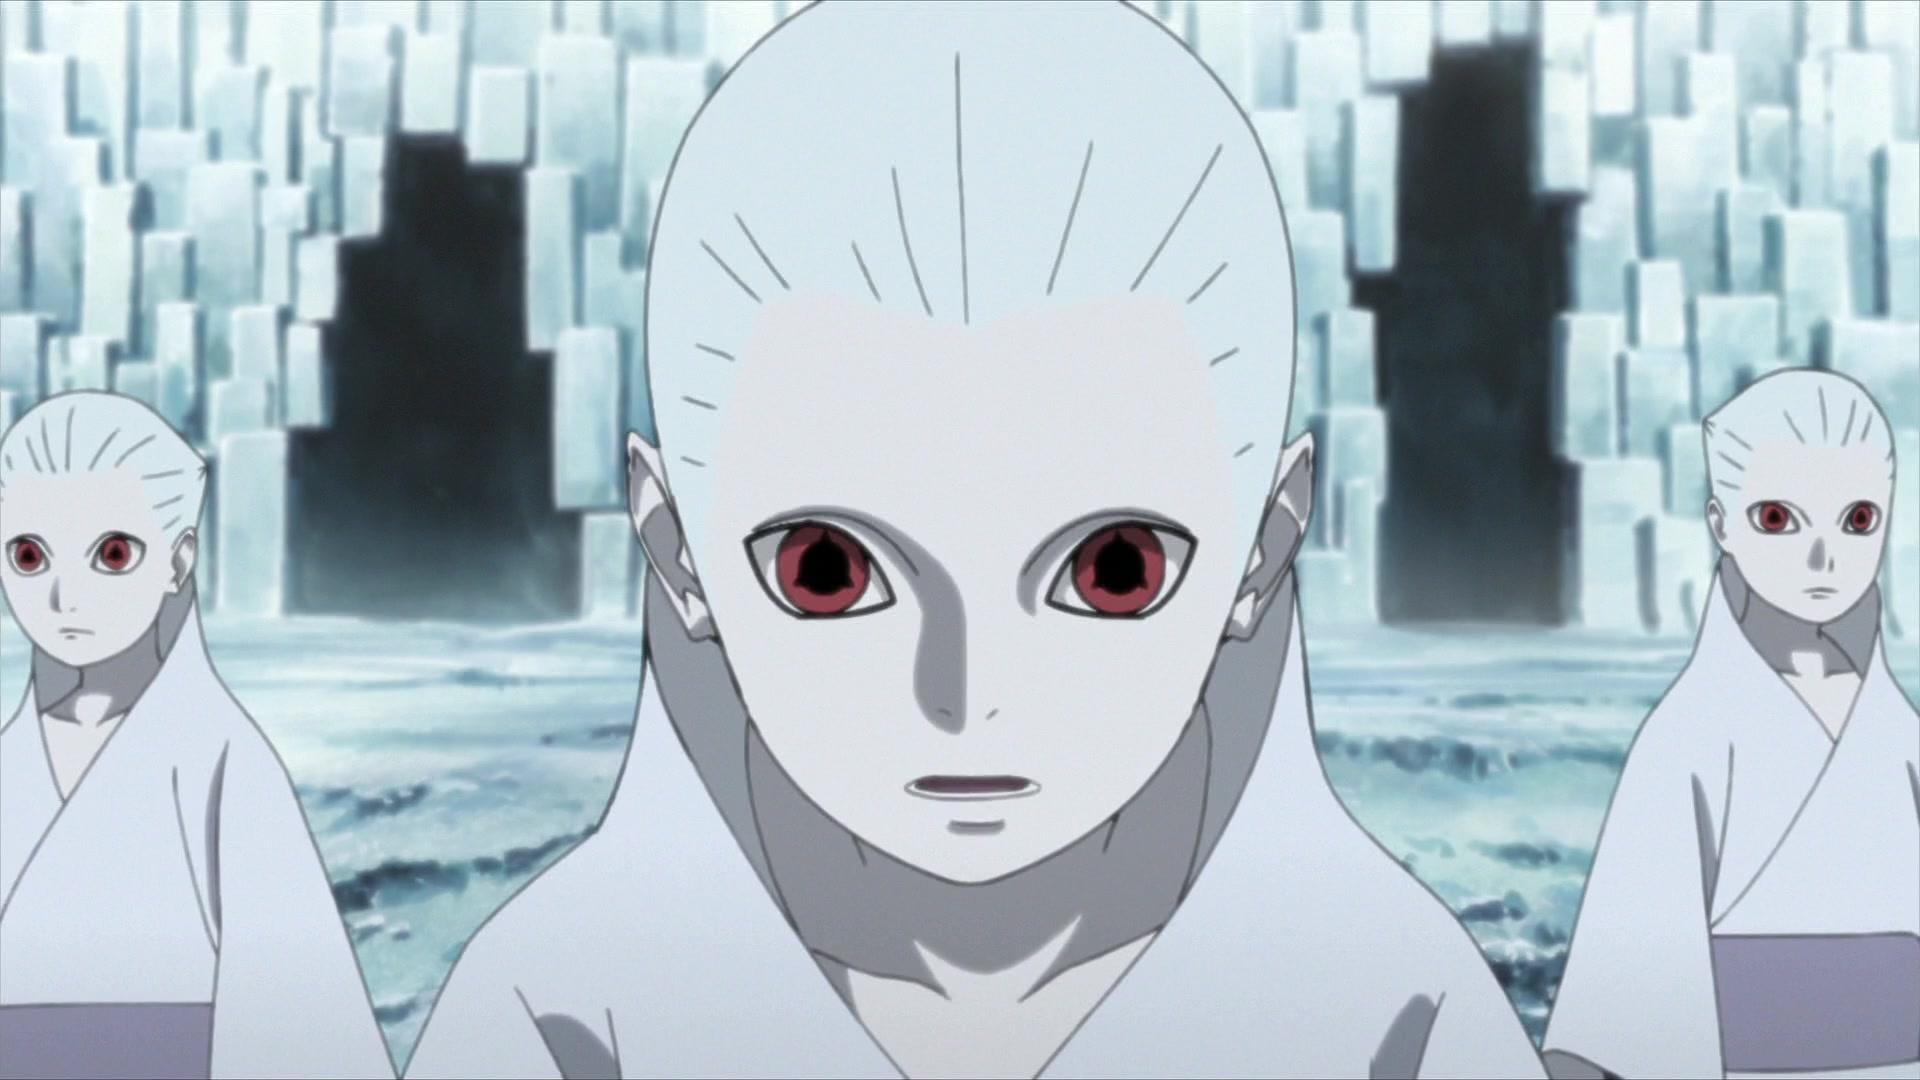 BORUTO: NARUTO NEXT GENERATIONS Episode 23, Bonds Come In